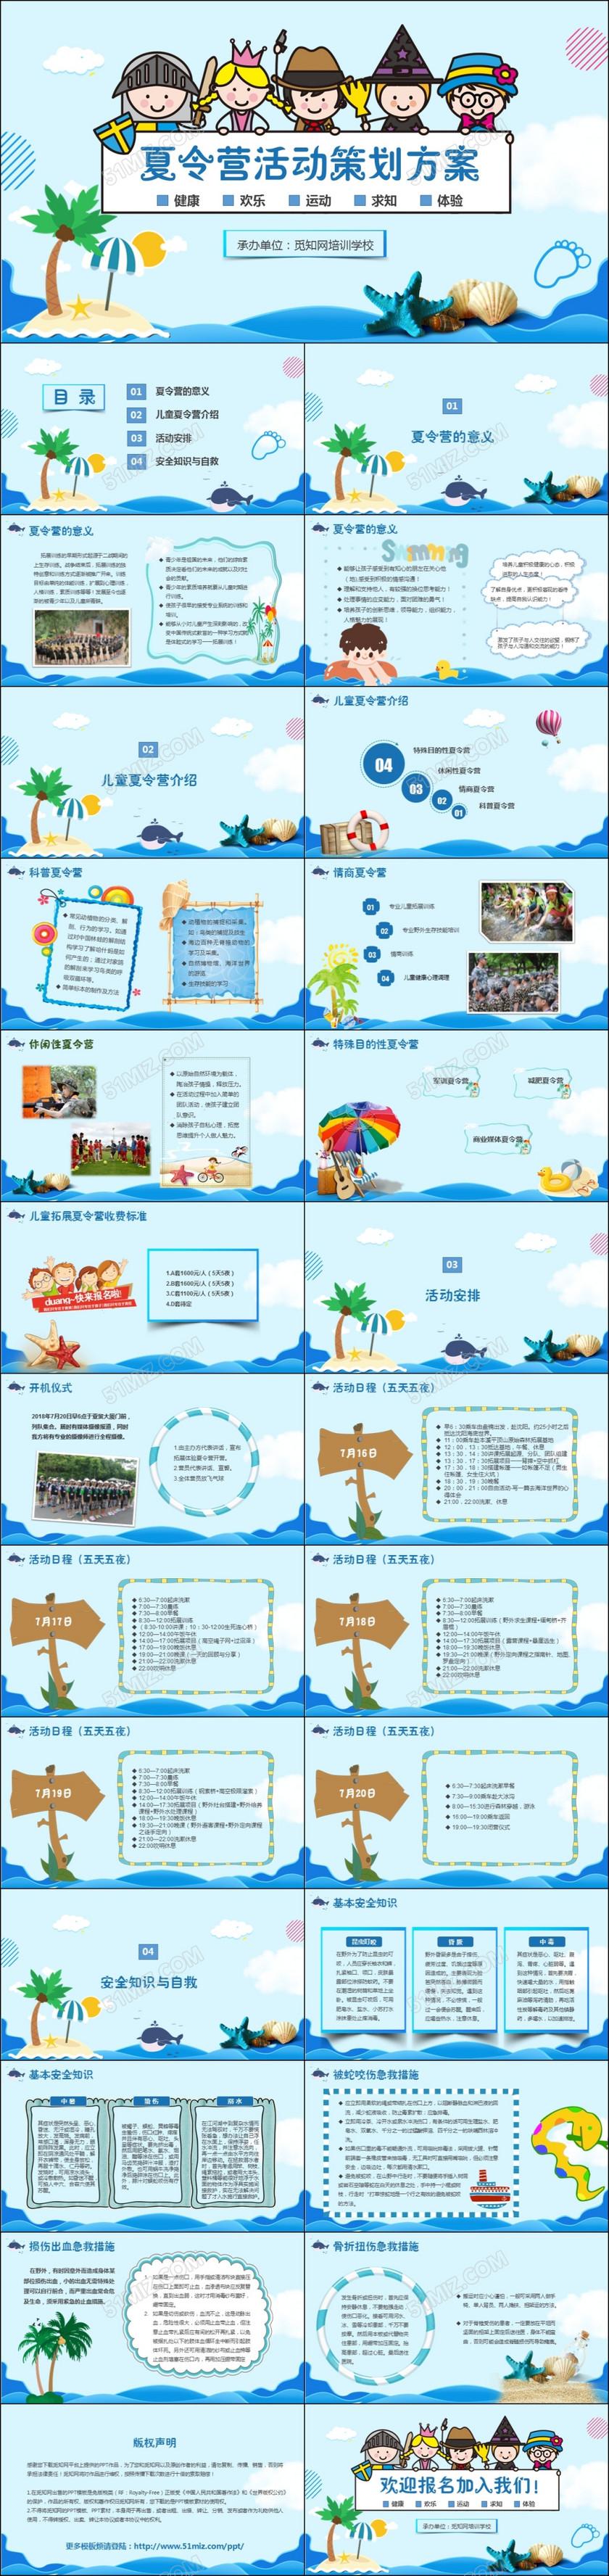 蓝色清新海洋暑假夏令营活动策划方案暑假学生户外活动PPT模板